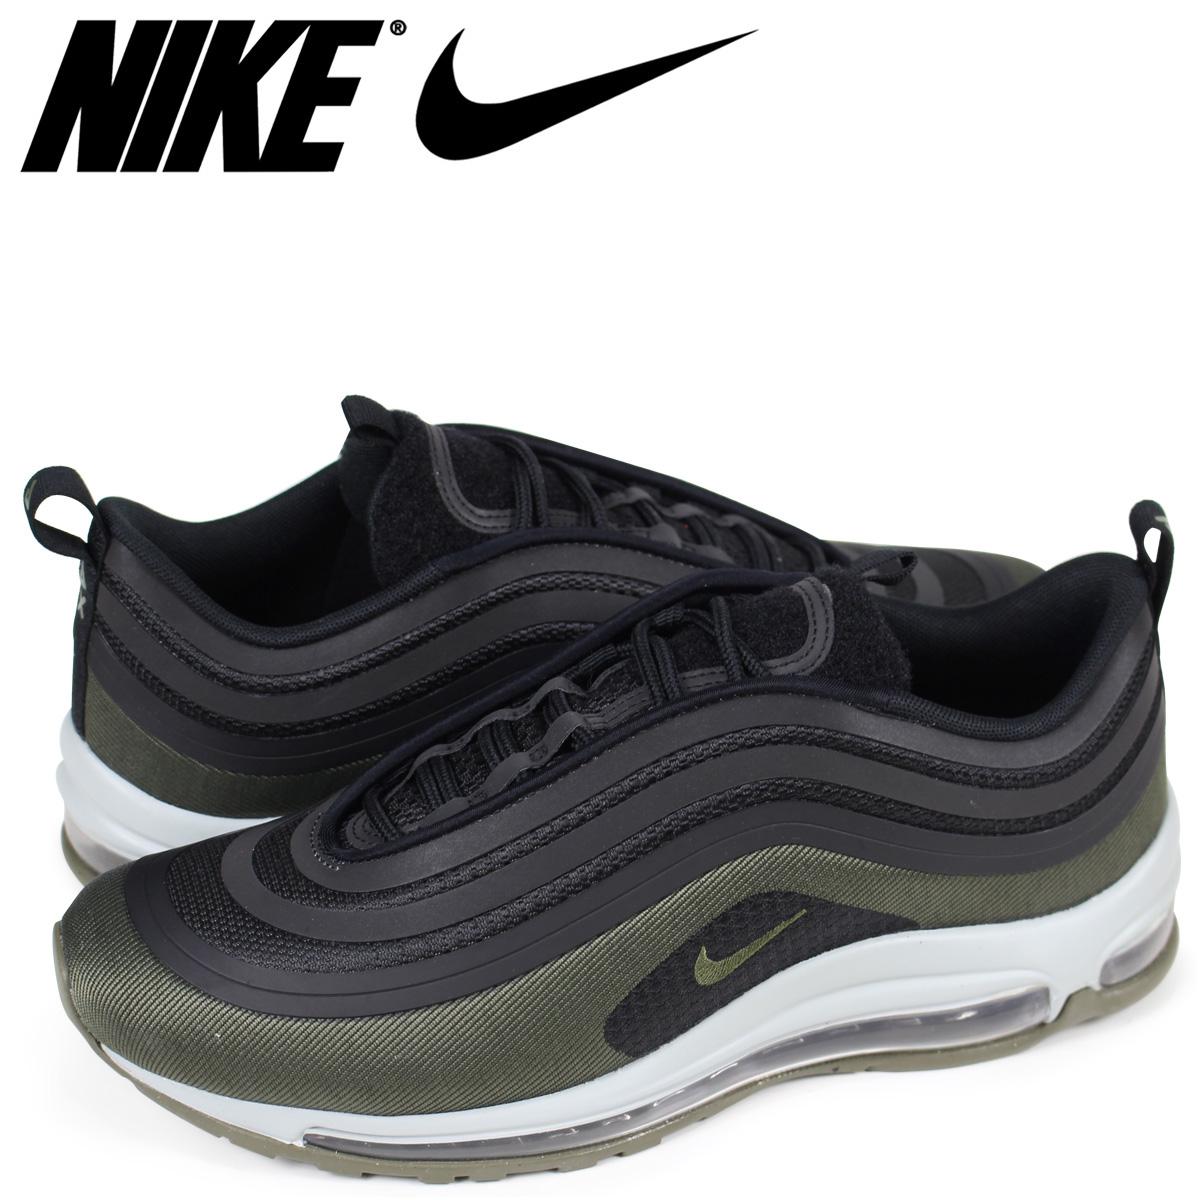 promo code 5f4fa 0c85a NIKE AIR MAX 97 UL 17 HAL HOT AIR PACK Kie Ney AMAX 97 sneakers men  AH9945-001 black